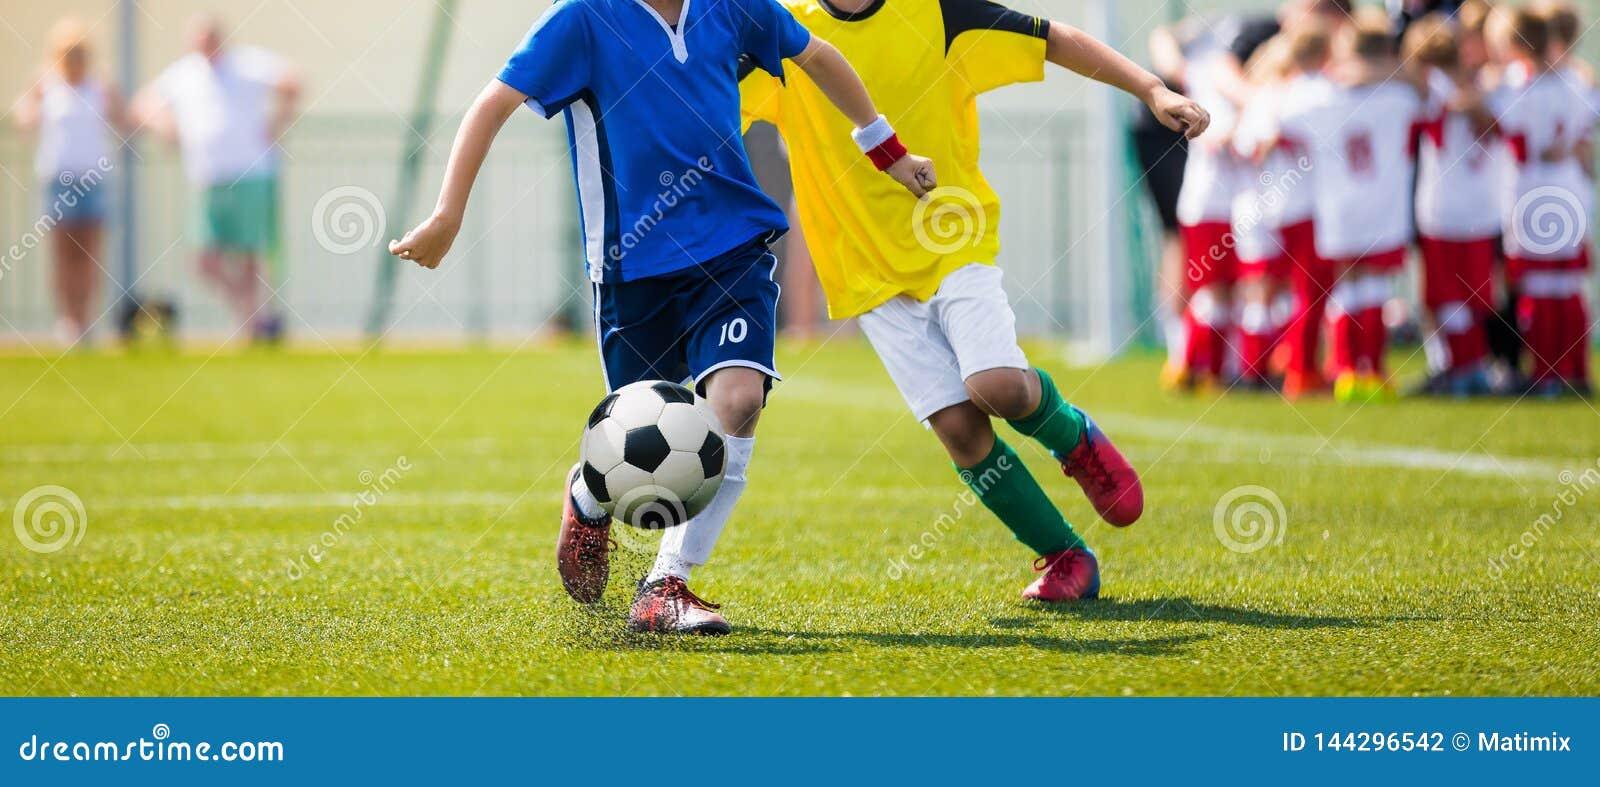 Duel de Junior Soccer Teams During Running Partie de football pour des joueurs de la jeunesse